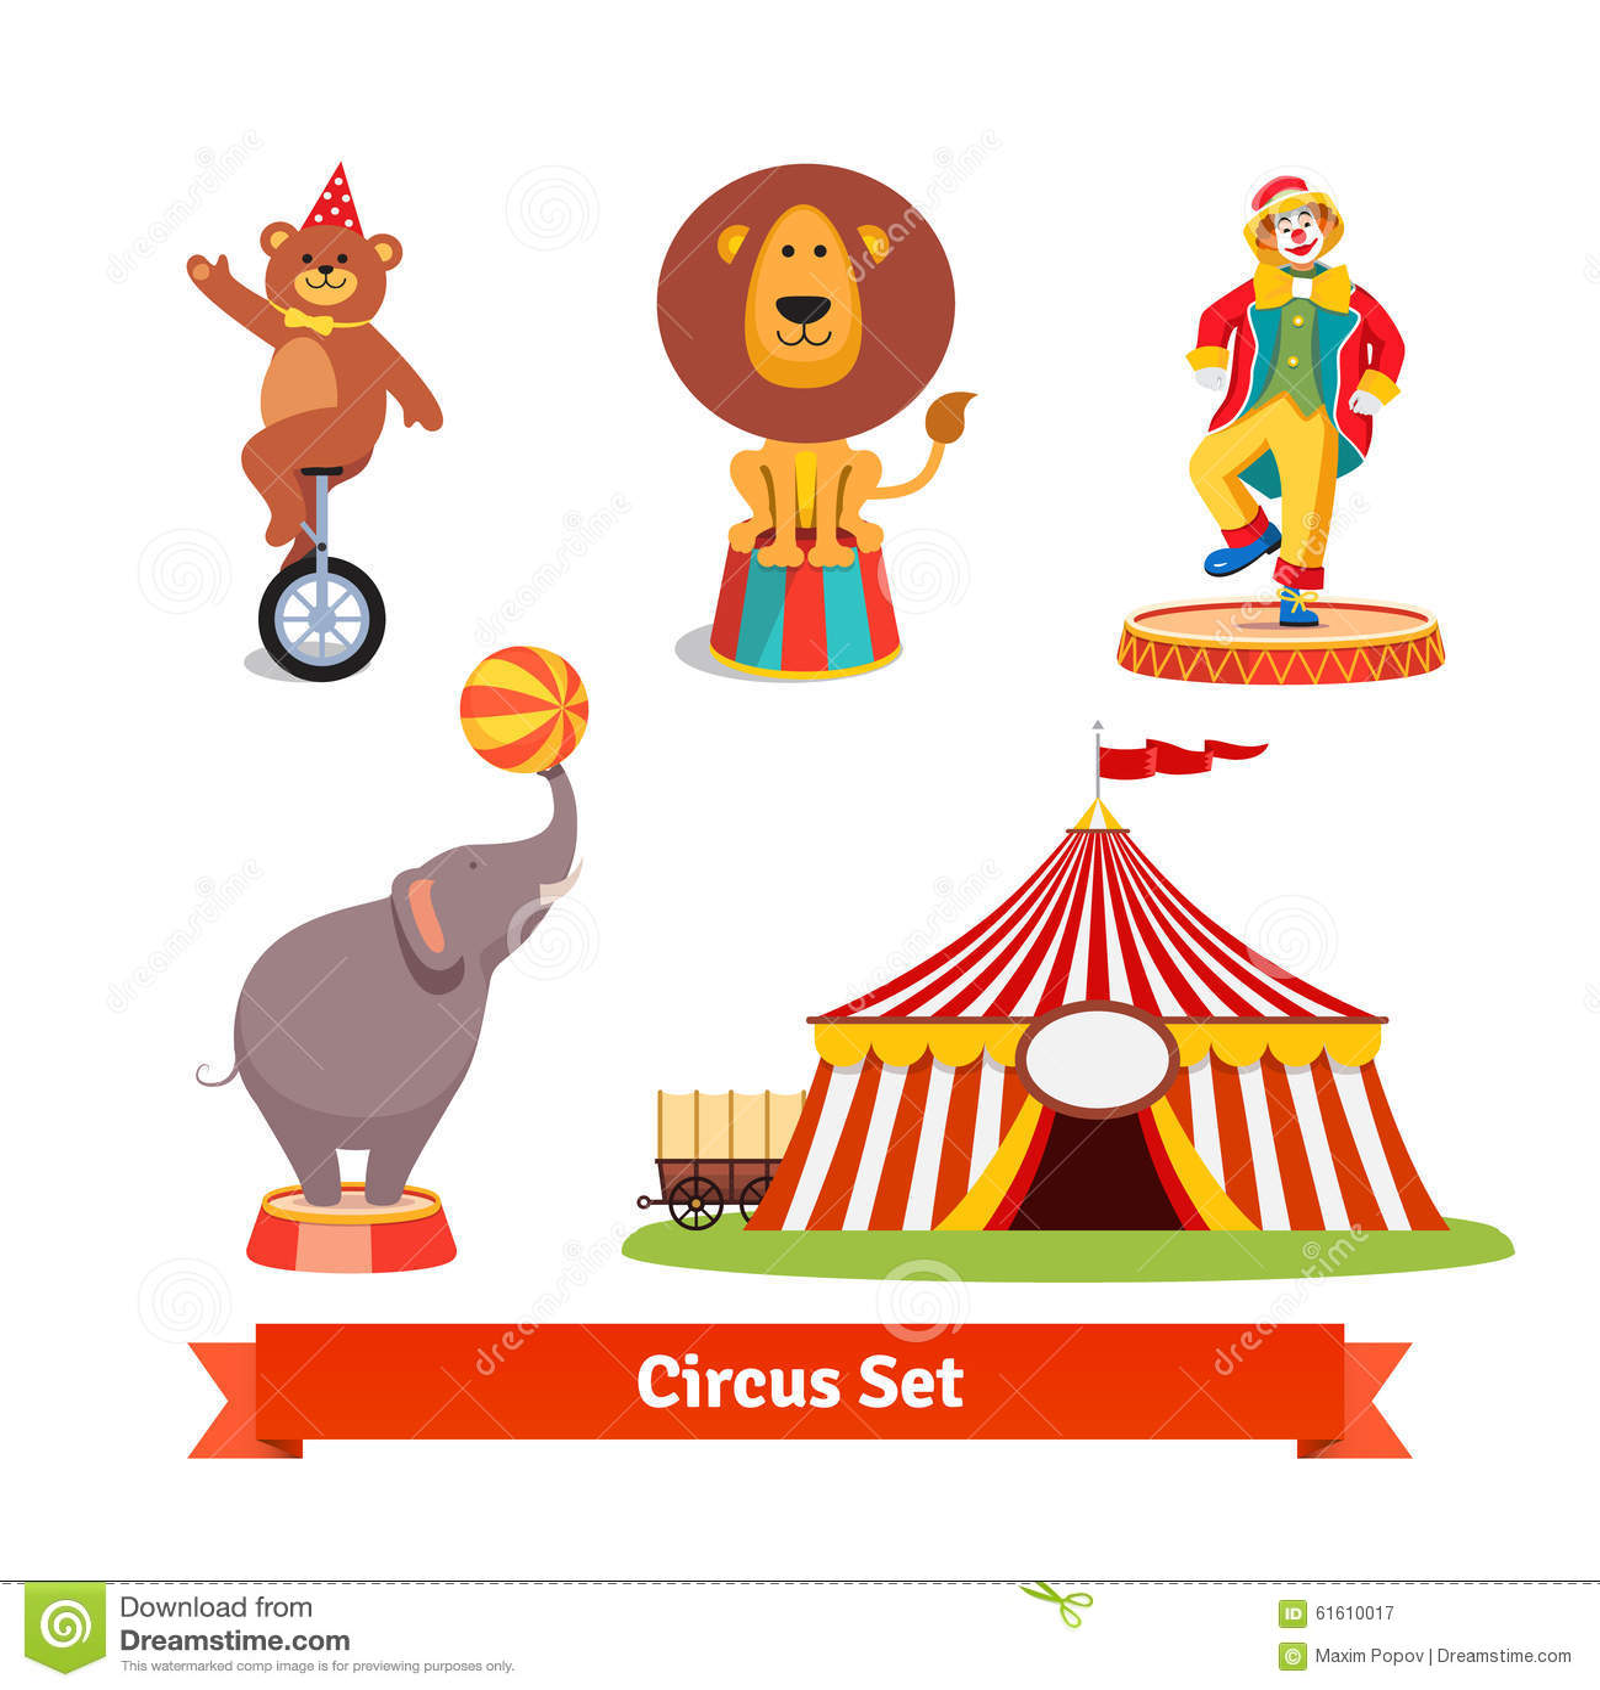 马戏团动物,熊,狮子,大象,小丑图片